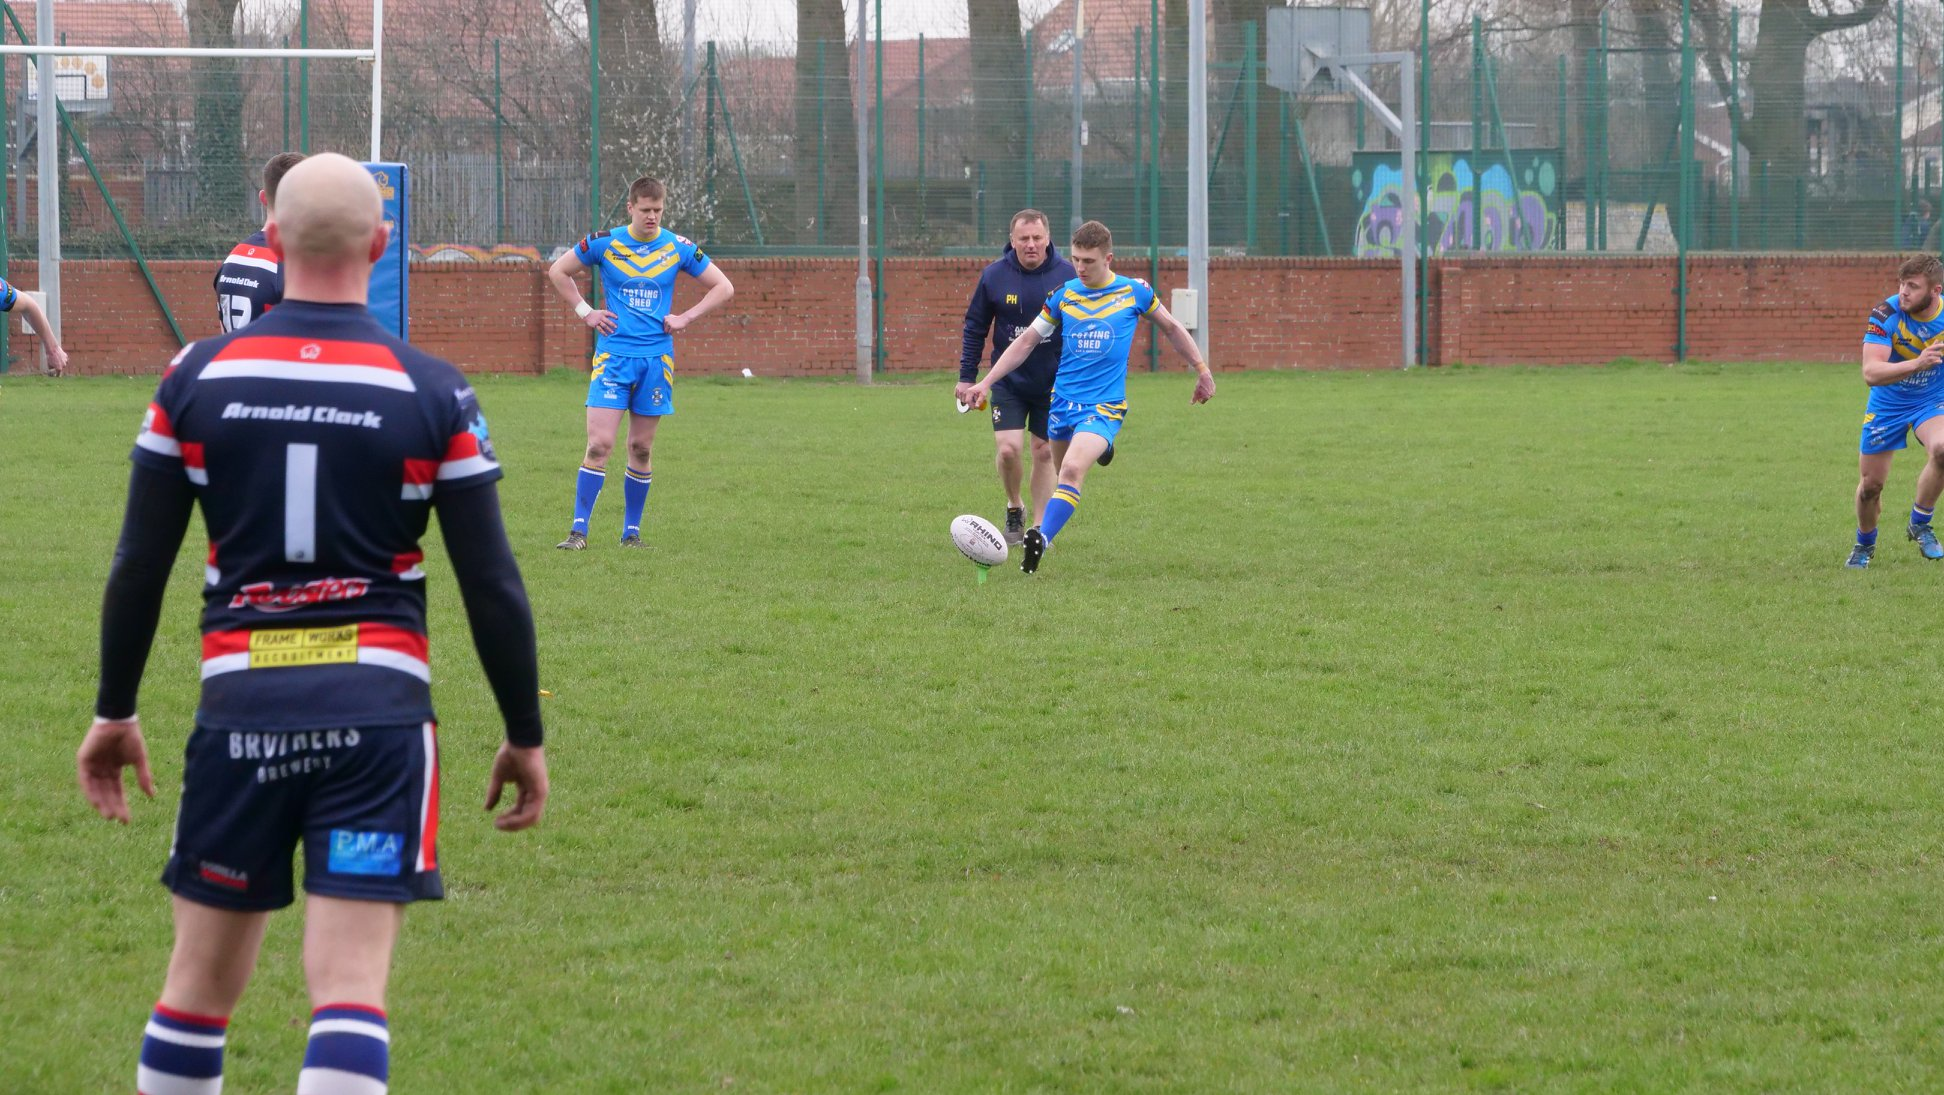 Lewis Poskitt kicking for Beverley ARLFC